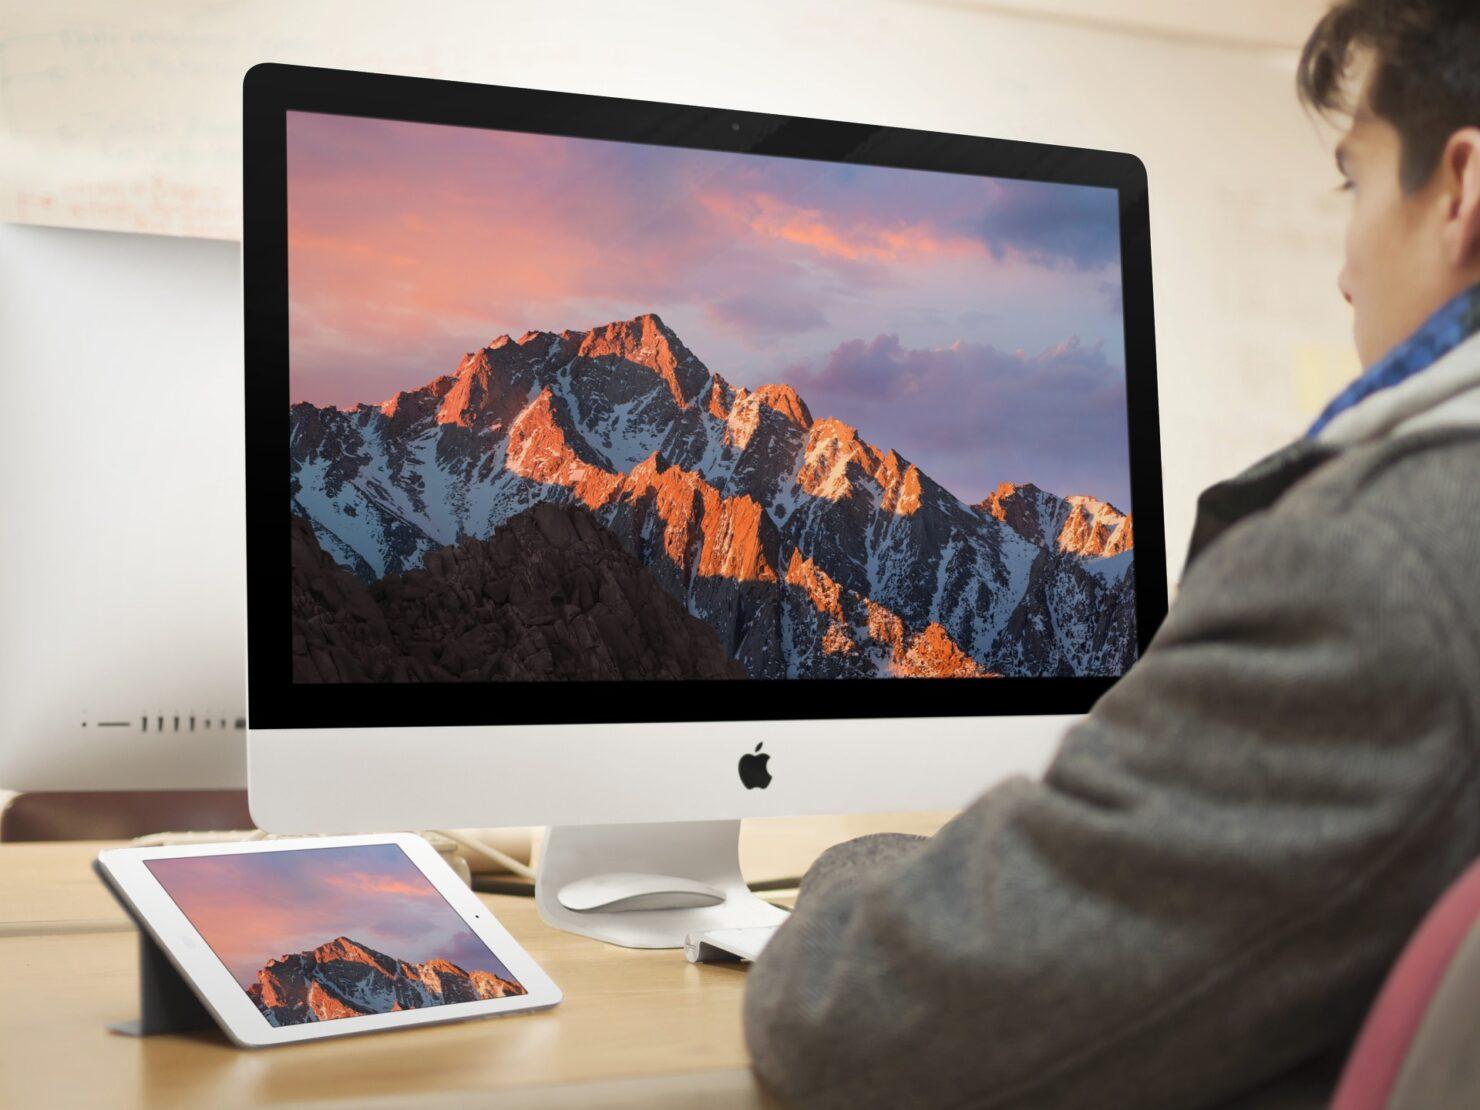 Download Safari 10 Beta for El Capitan and Yosemite